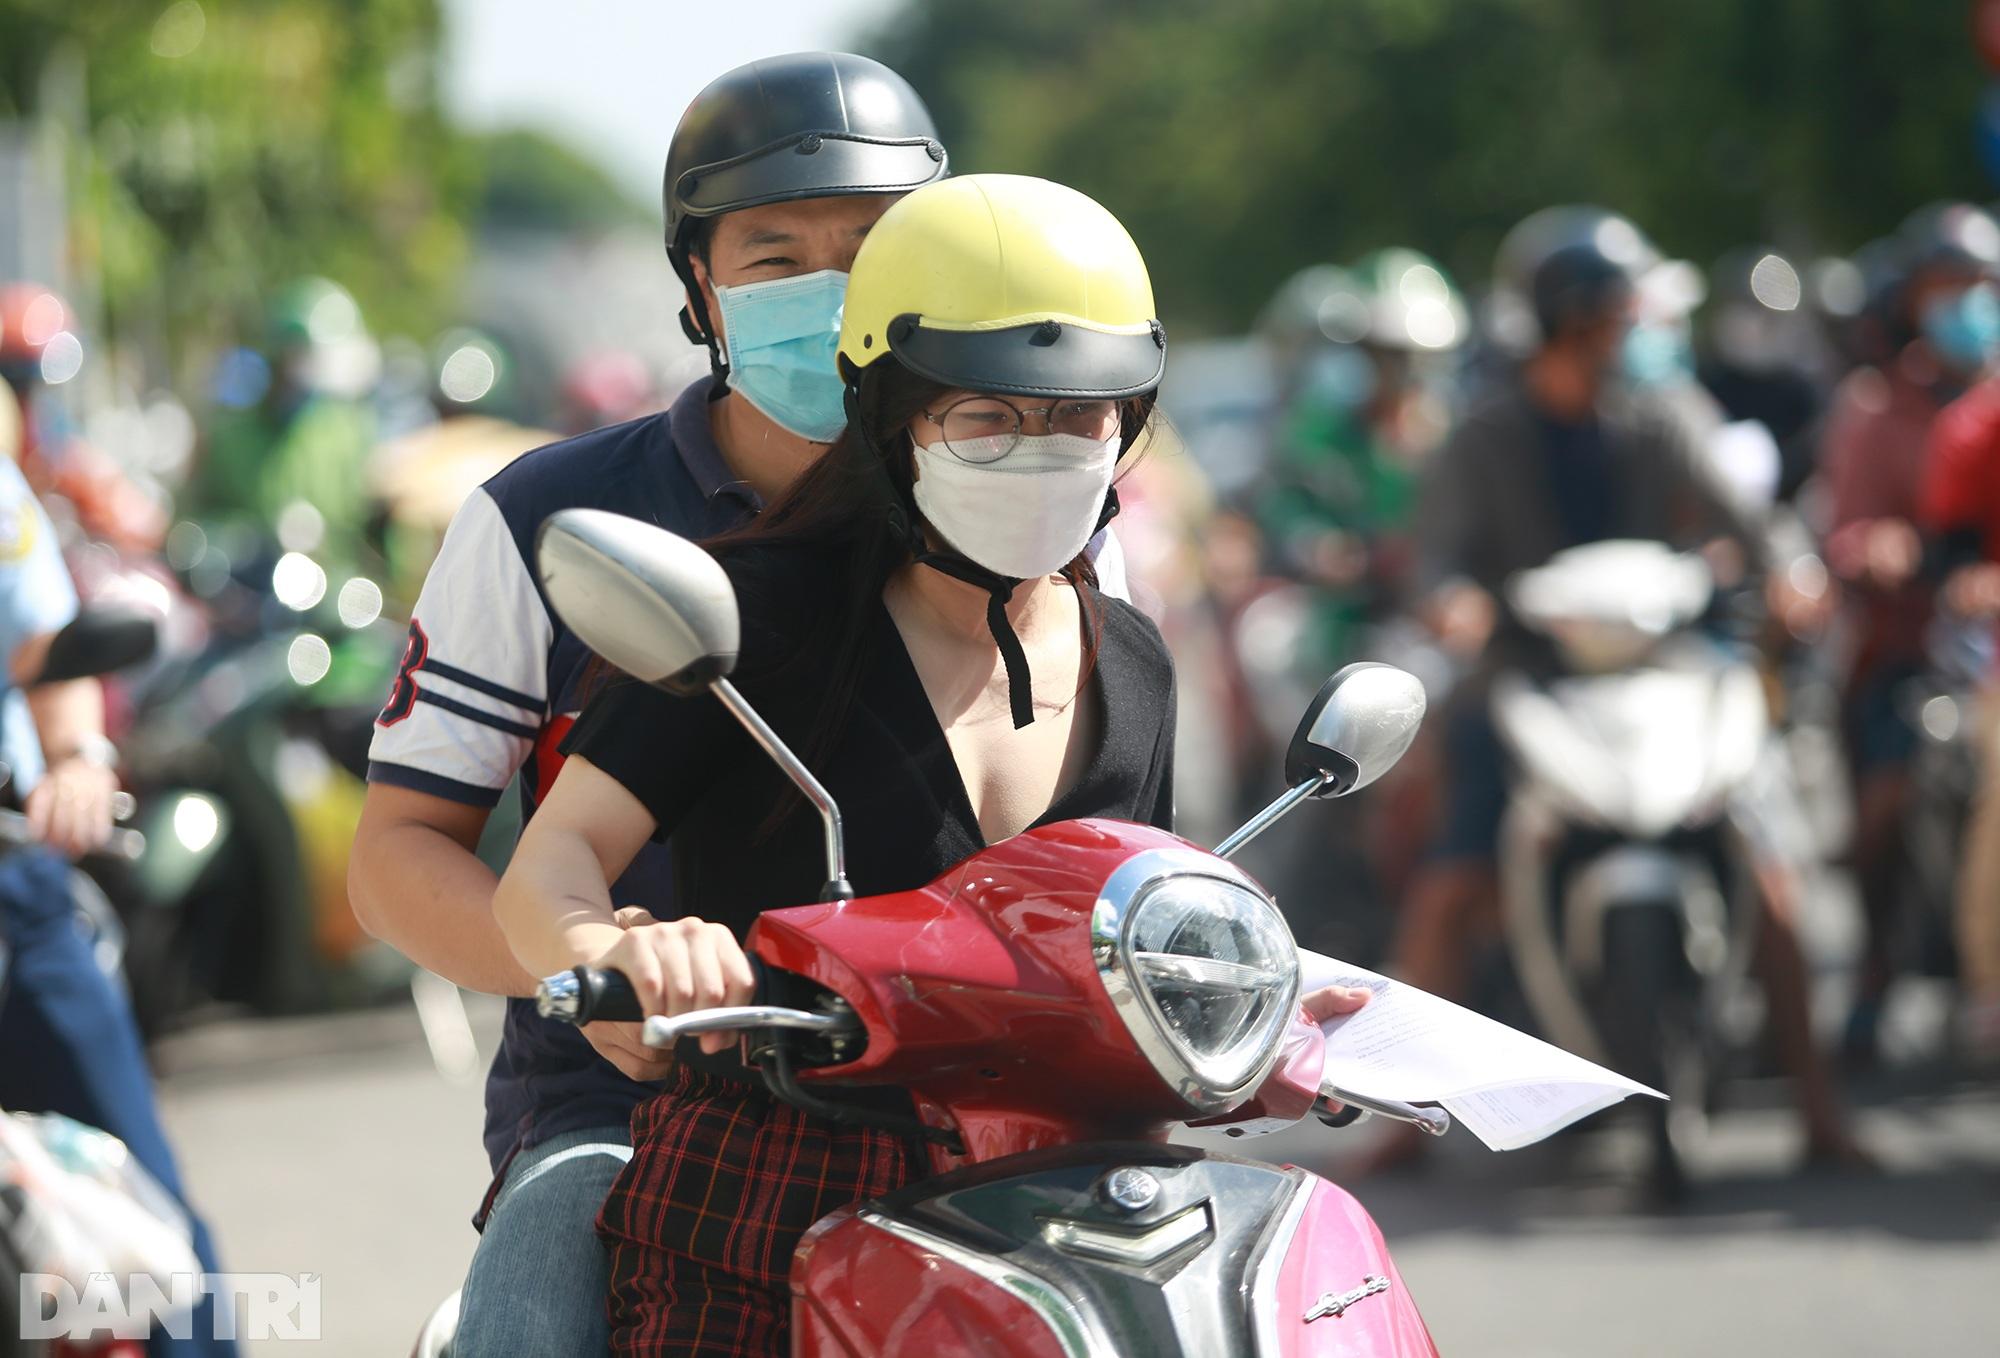 Đạp xe ra đường ở TPHCM với lý do mập mờ không thể xác thực bị phạt 2 triệu - 4